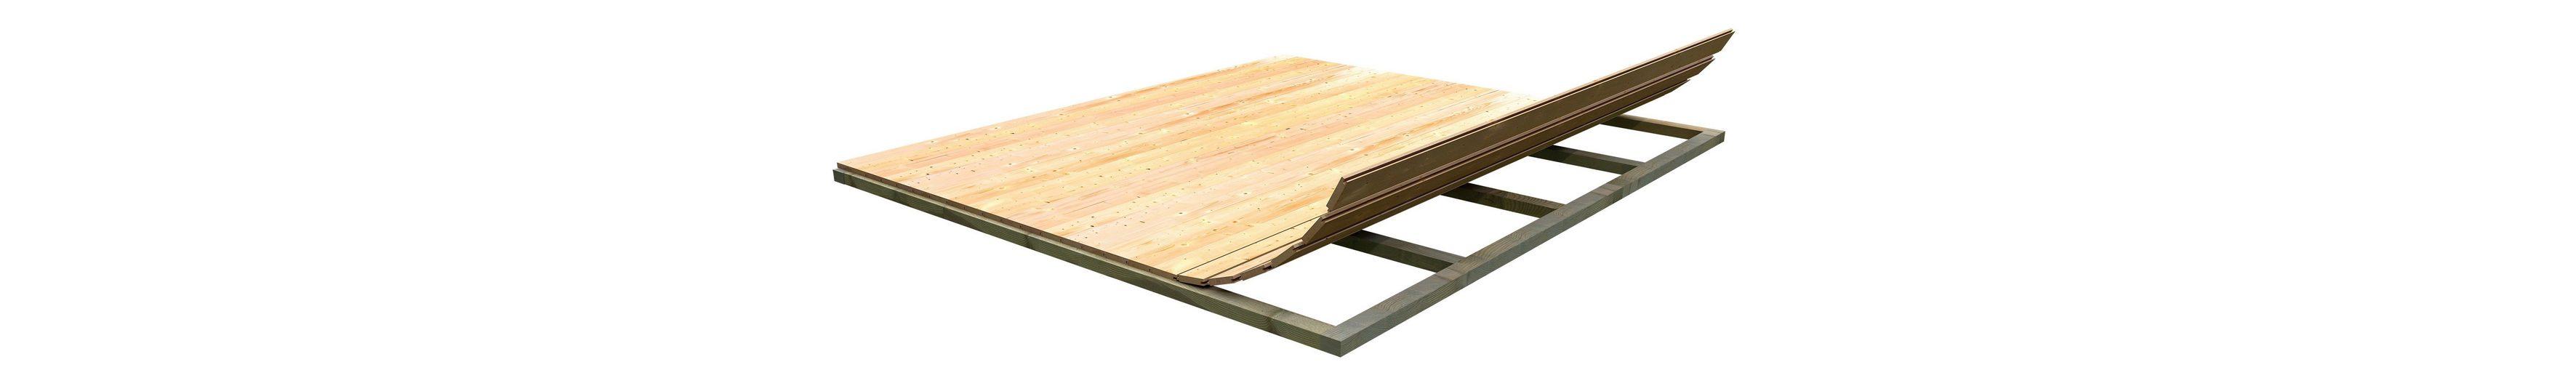 Fußboden für Gartenhäuser, BxT: 340x340 cm